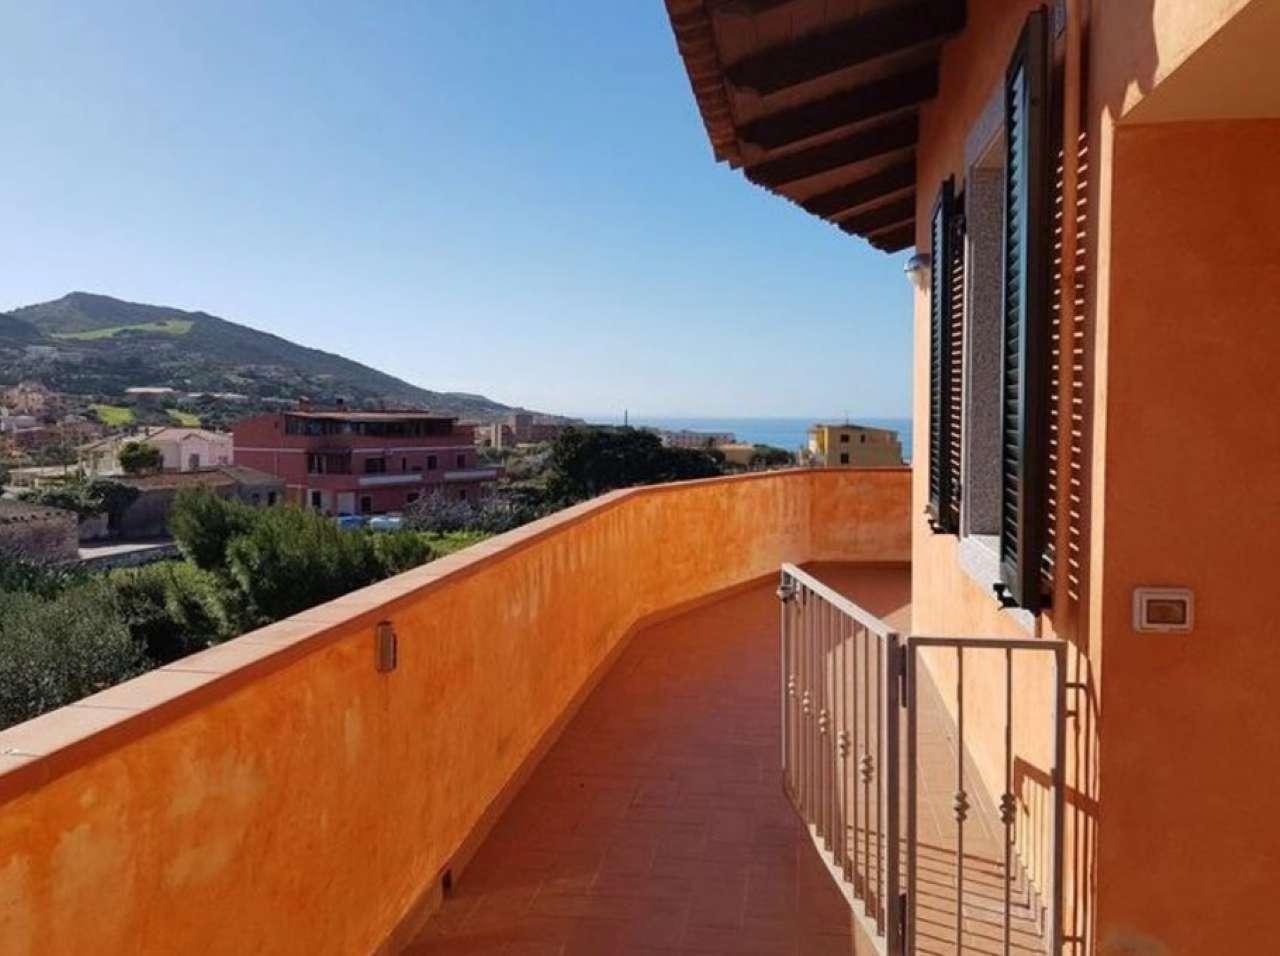 Appartamento in vendita a Castelsardo, 3 locali, prezzo € 91.392 | PortaleAgenzieImmobiliari.it